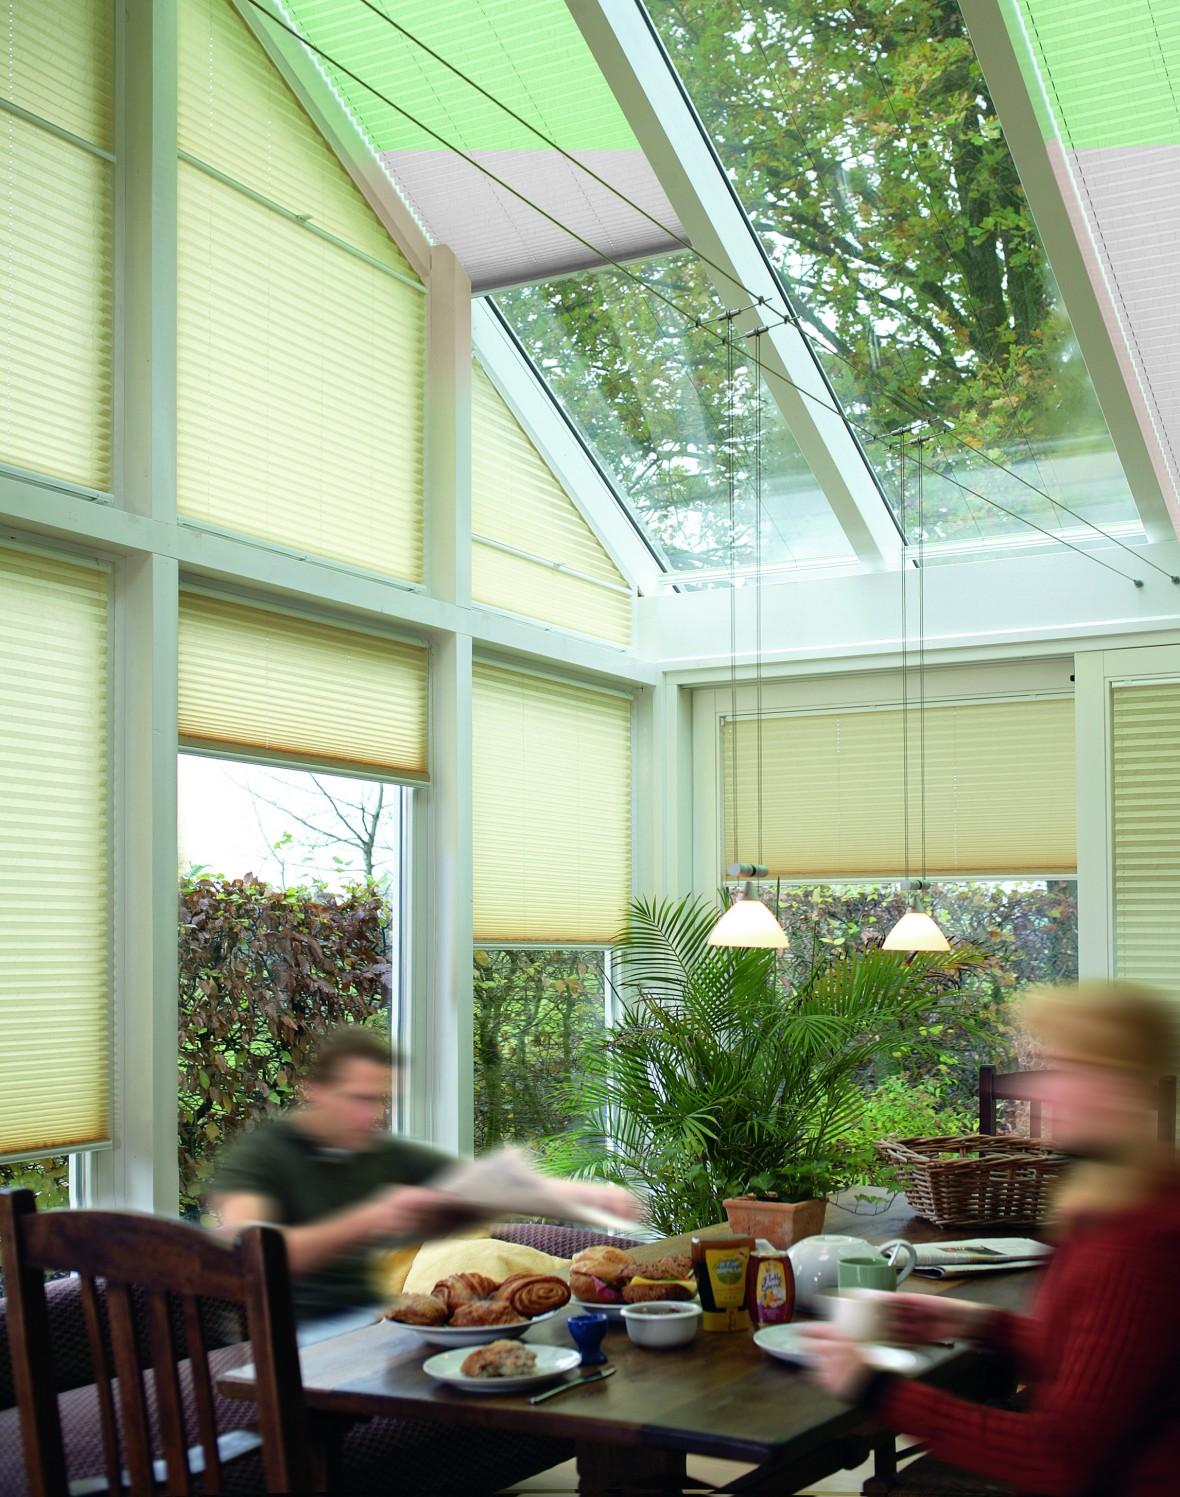 sonnenschutz plissee duette rebernig wohnen wohnraumgestaltung feldkirchen. Black Bedroom Furniture Sets. Home Design Ideas